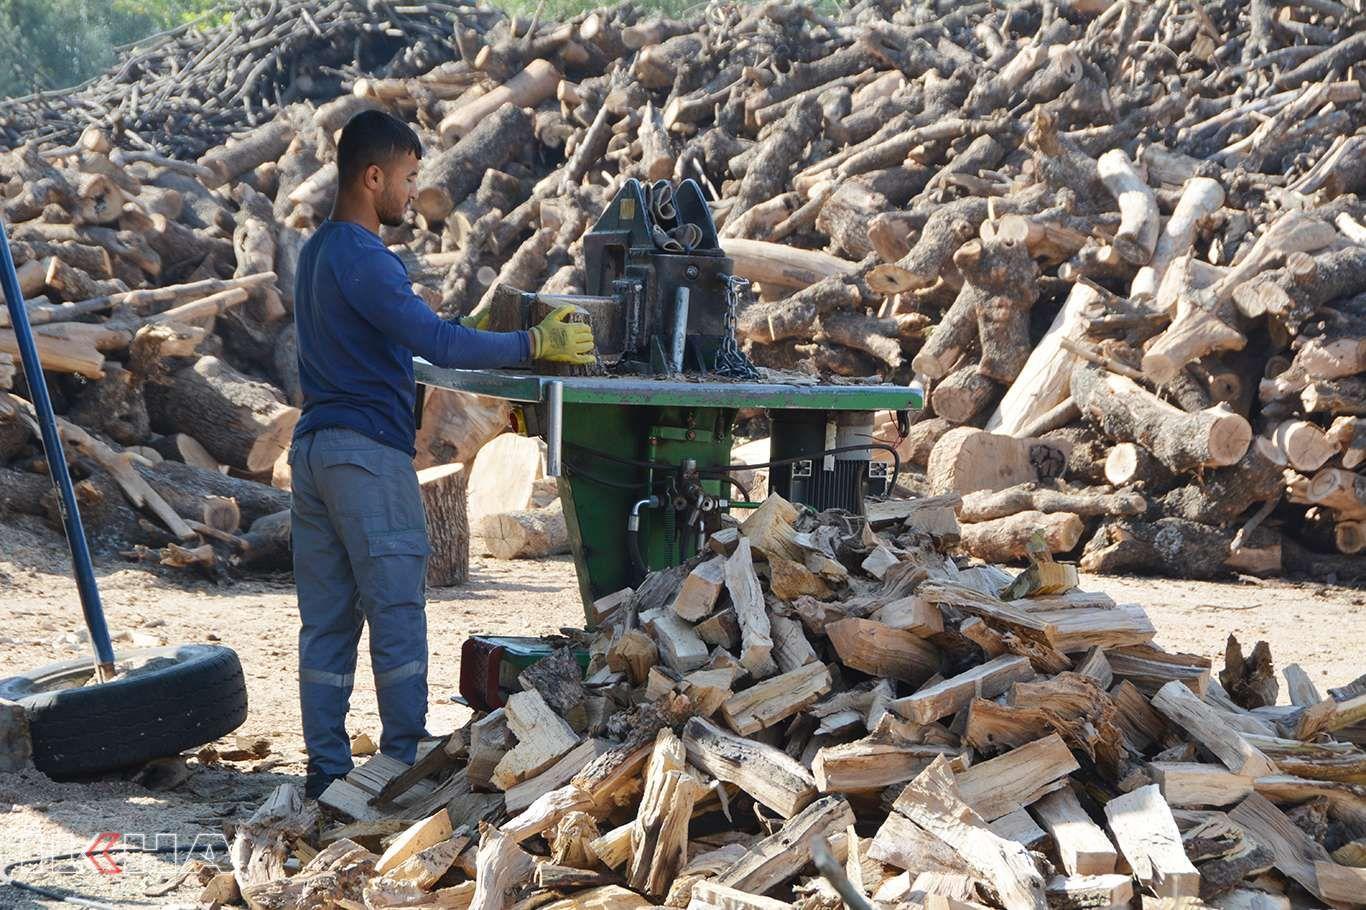 Oduncu esnafından vatandaşlara 'kış öncesi odun alın' çağrısı